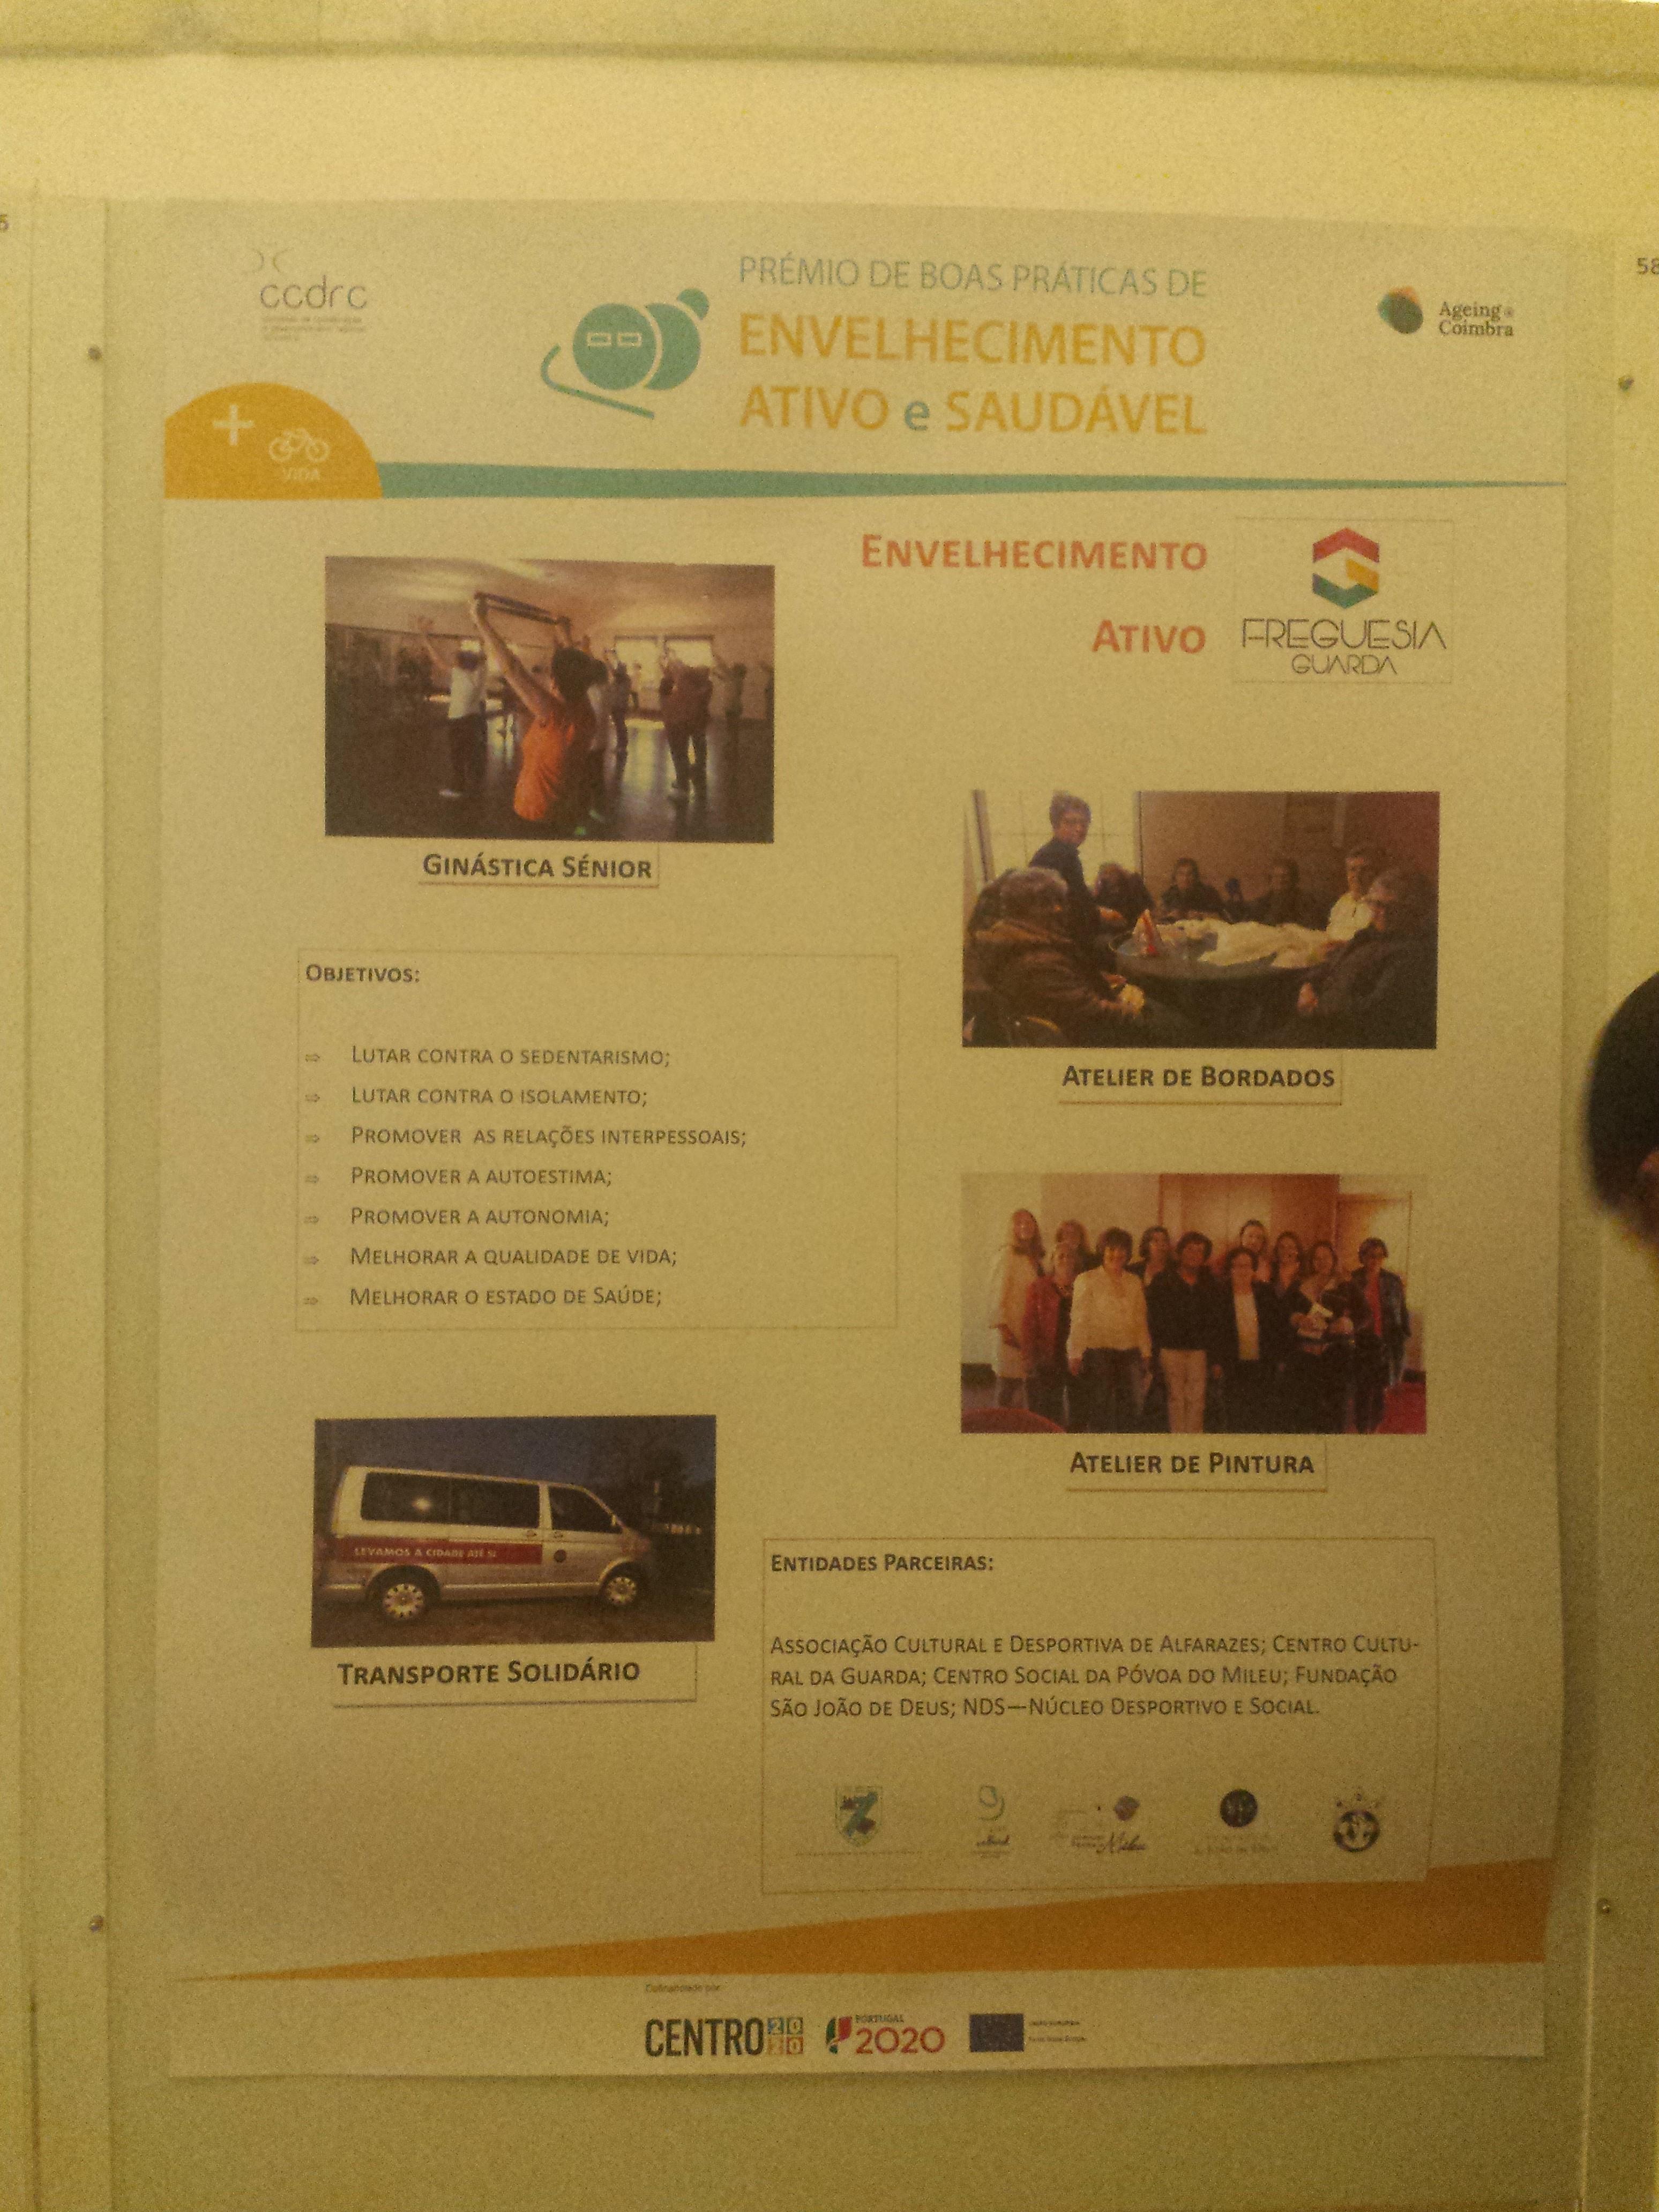 5º Congresso Regional Envelhecimento Ativo e Saudável